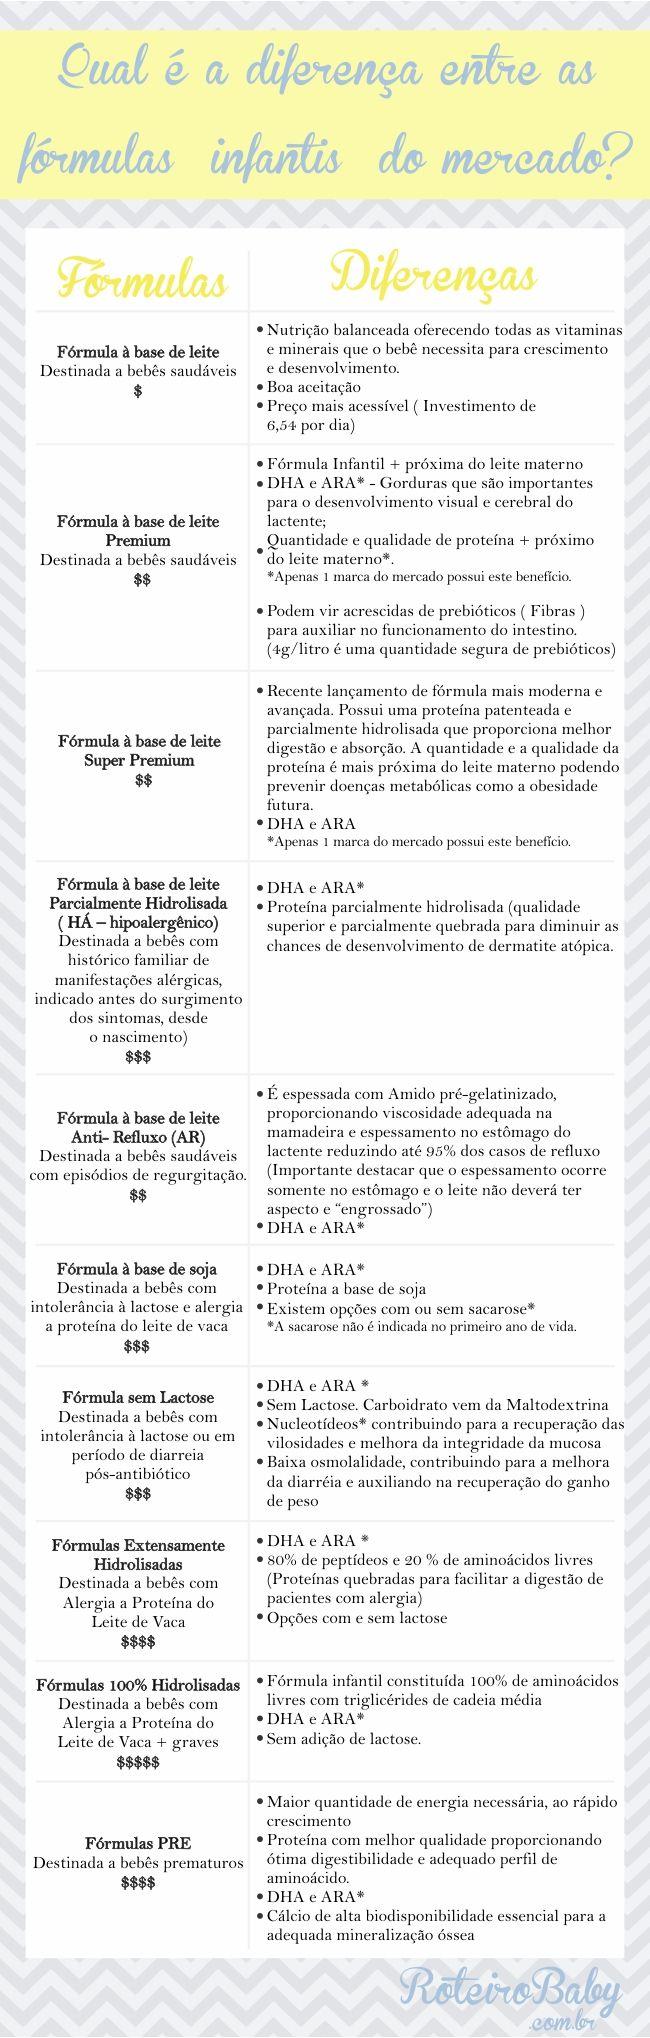 A* – Gorduras que são importantes para o desenvolvimento visual e cerebral do lactente; Quantidade e qualidade de proteína + próximo do leite materno importante para o crescimento e desenvolvimento adequado – Apenas 1 marca do mercado possui este benefício Nucleotídeos – Contribui para a recuperação das vilosidades e melhora da integridade da mucosaA fórmula 1 atende as necessidades nutricionais dos bebês de